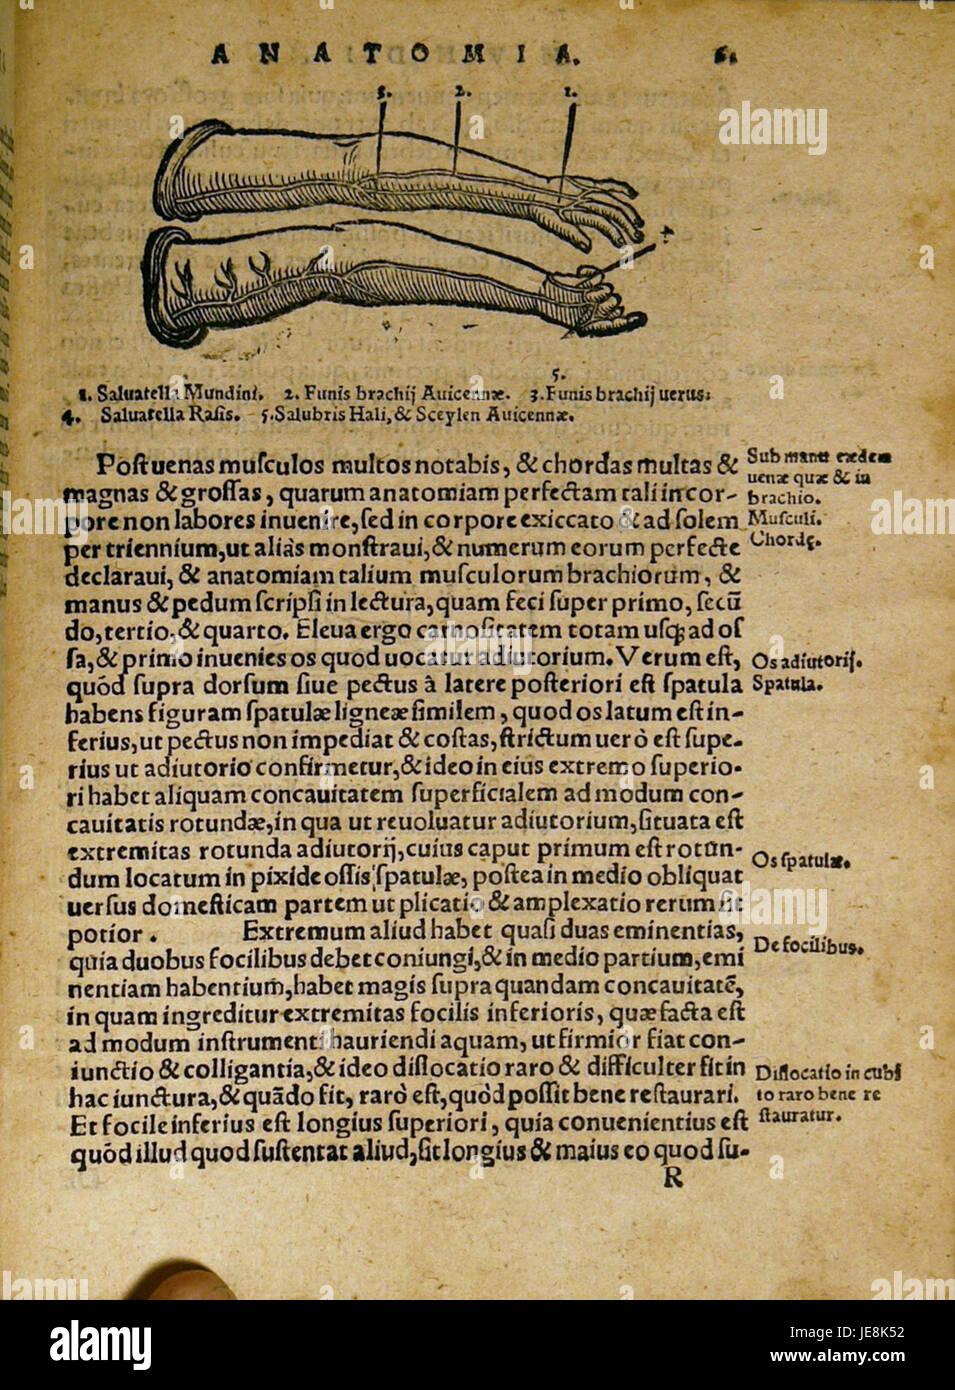 Dryander Anatomia Mundini 121 Immagini Stock